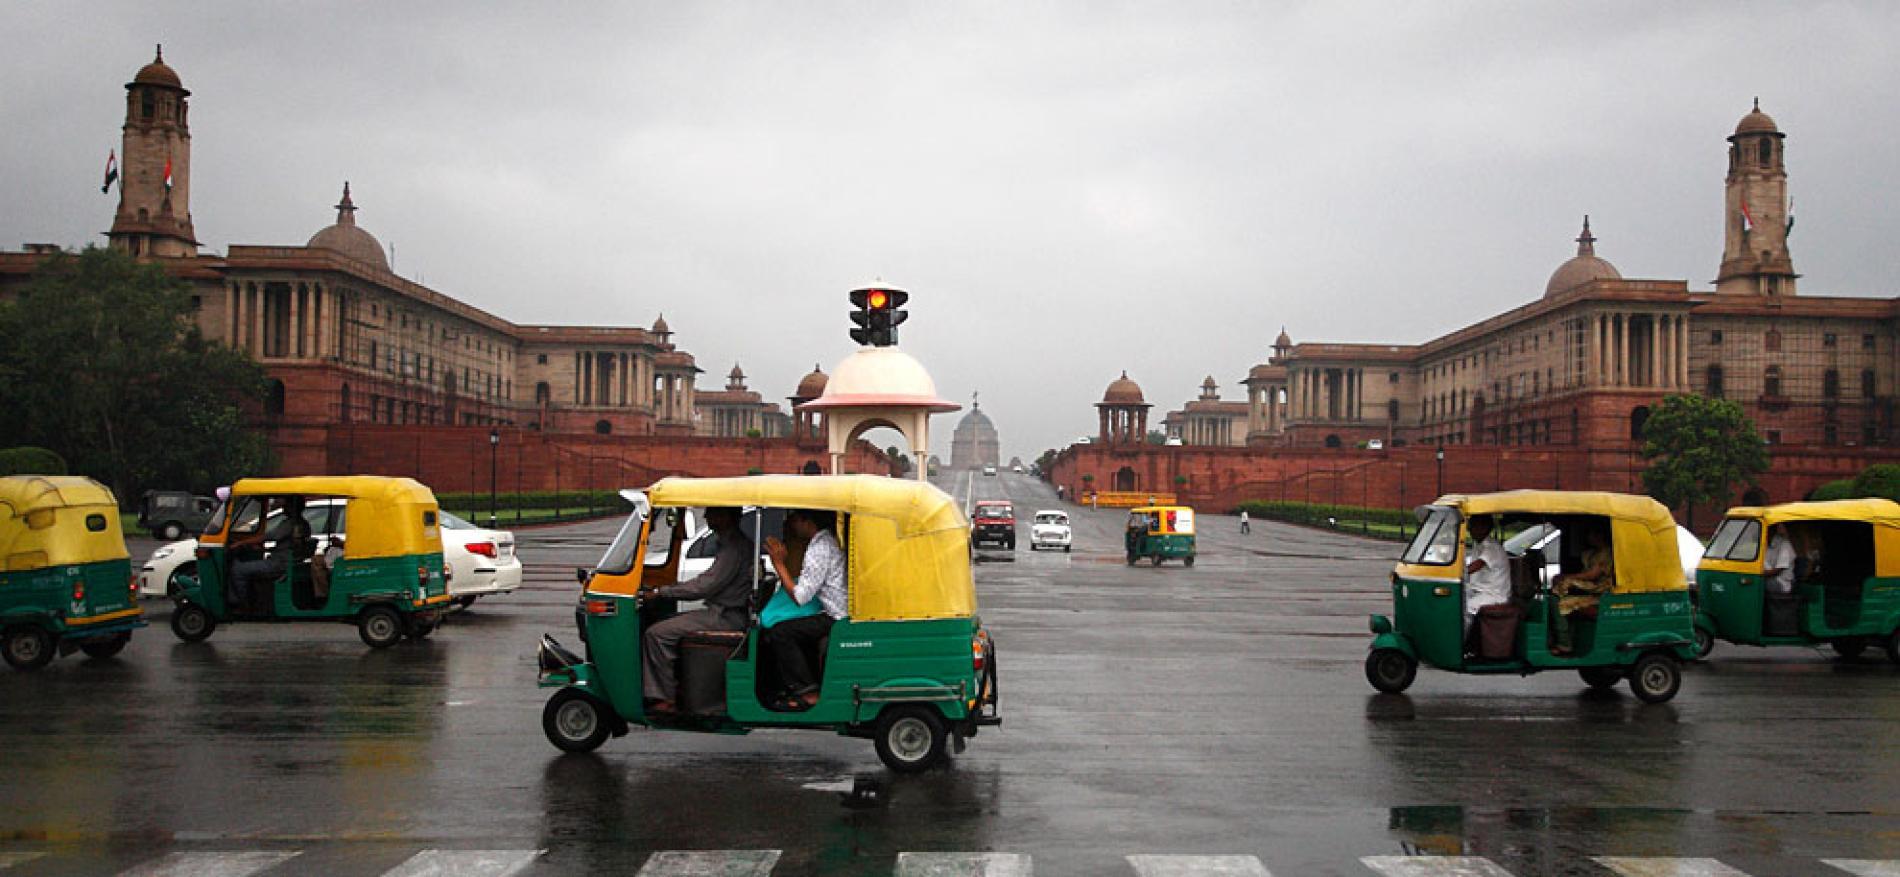 جاذبه های دیدنی دهلی پایتخت هندوستان